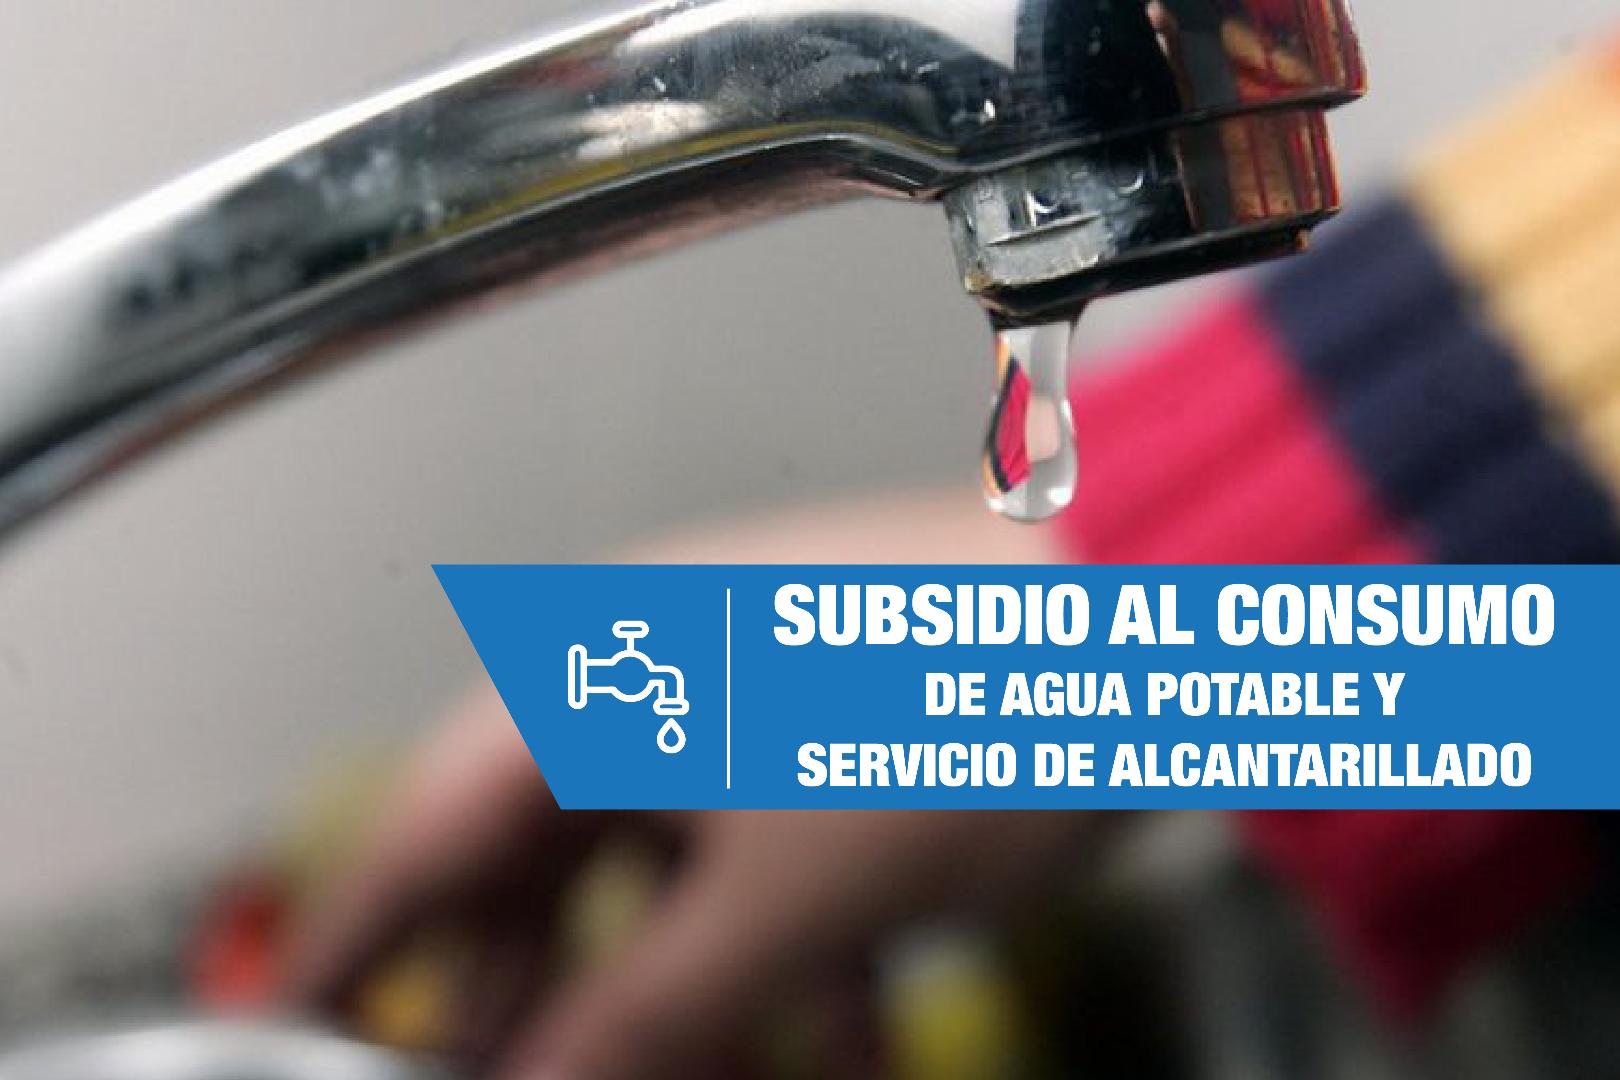 Subsidio al consumo de agua